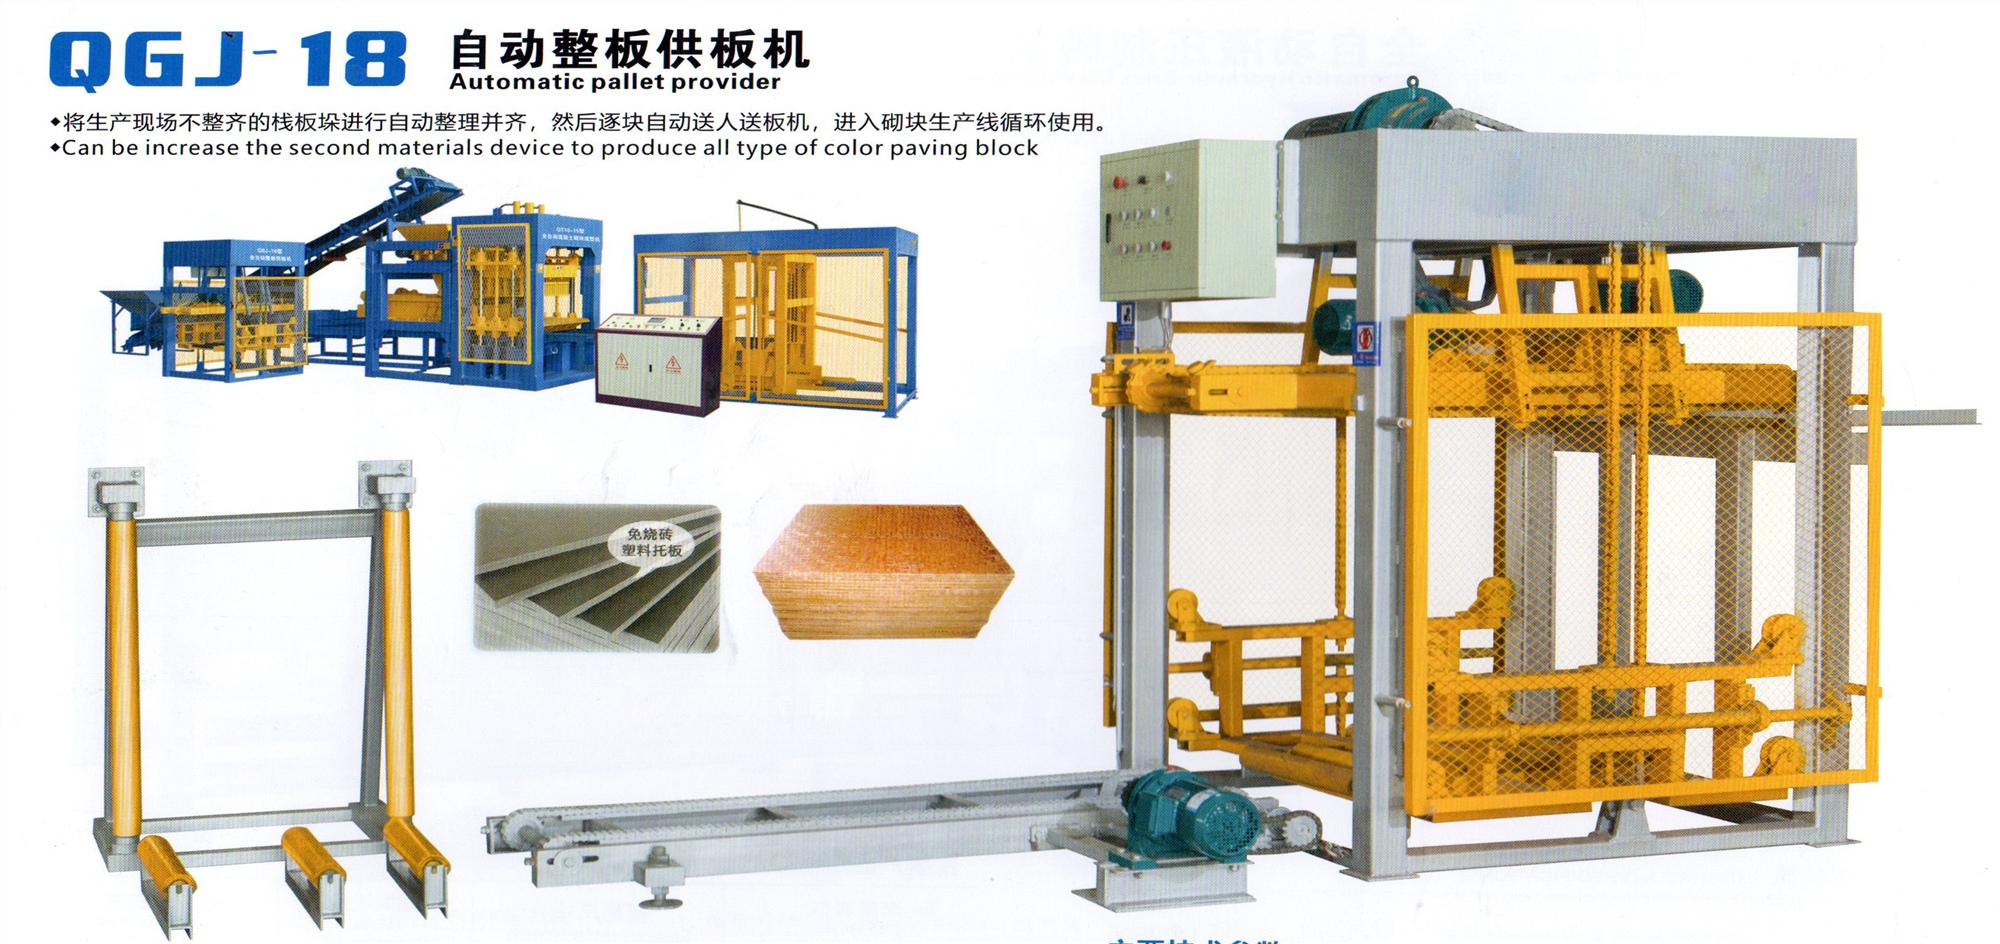 QGJ-18 自动整板供板机